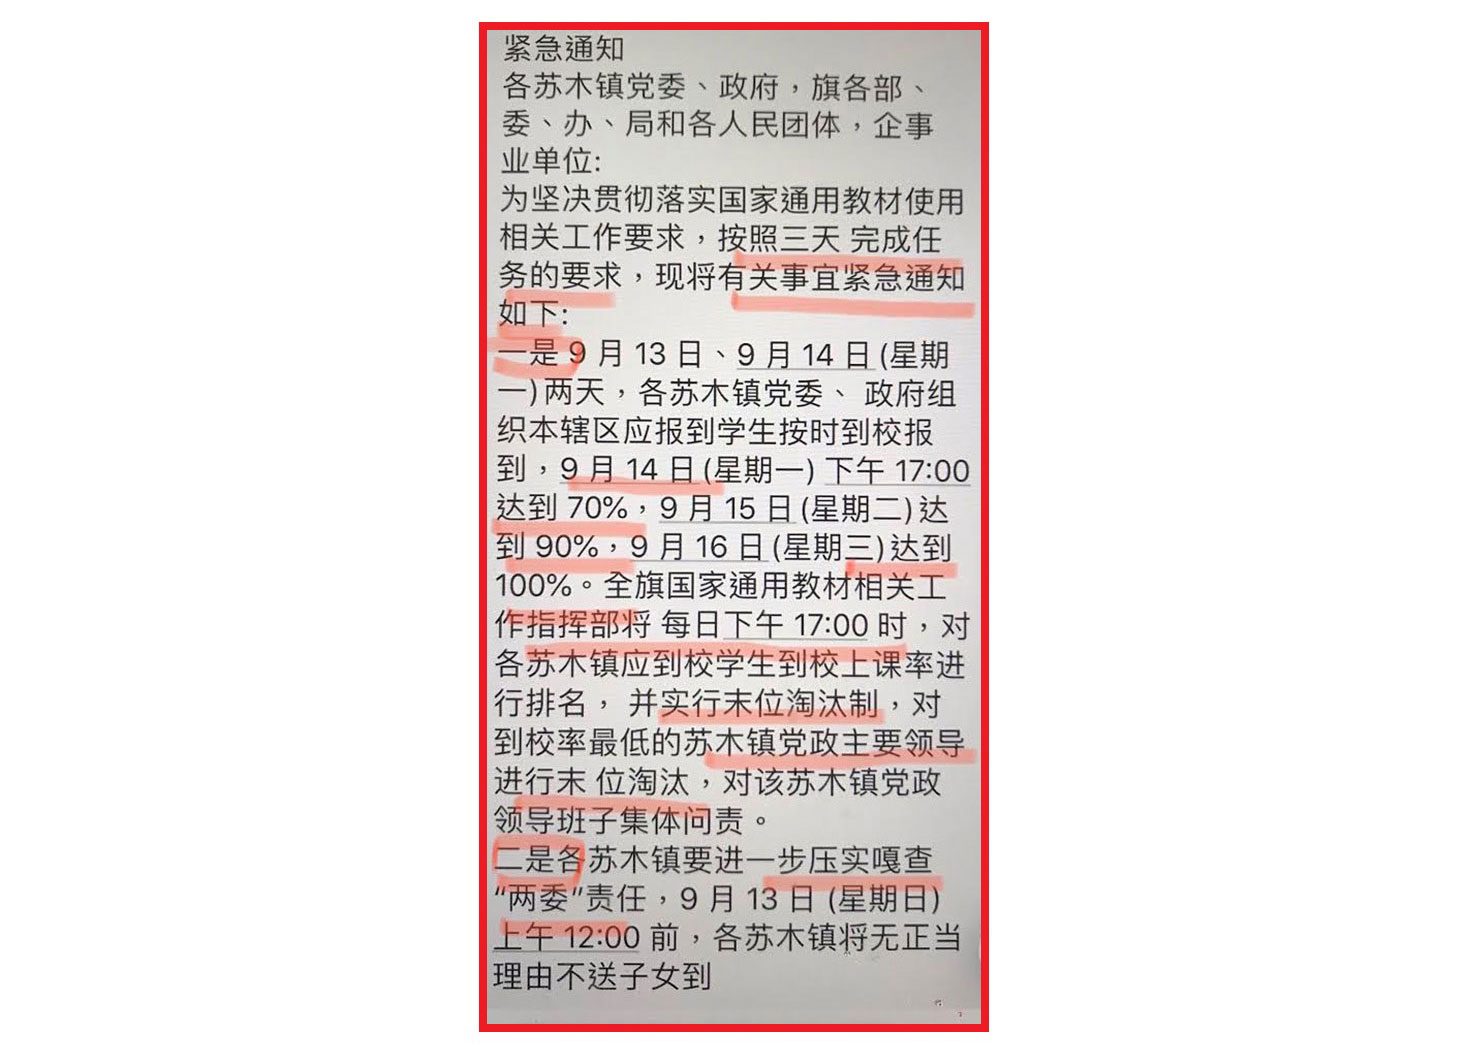 内蒙古政府名目繁多的各种文件,让人眼花缭乱。(推特图片/乔龙提供)